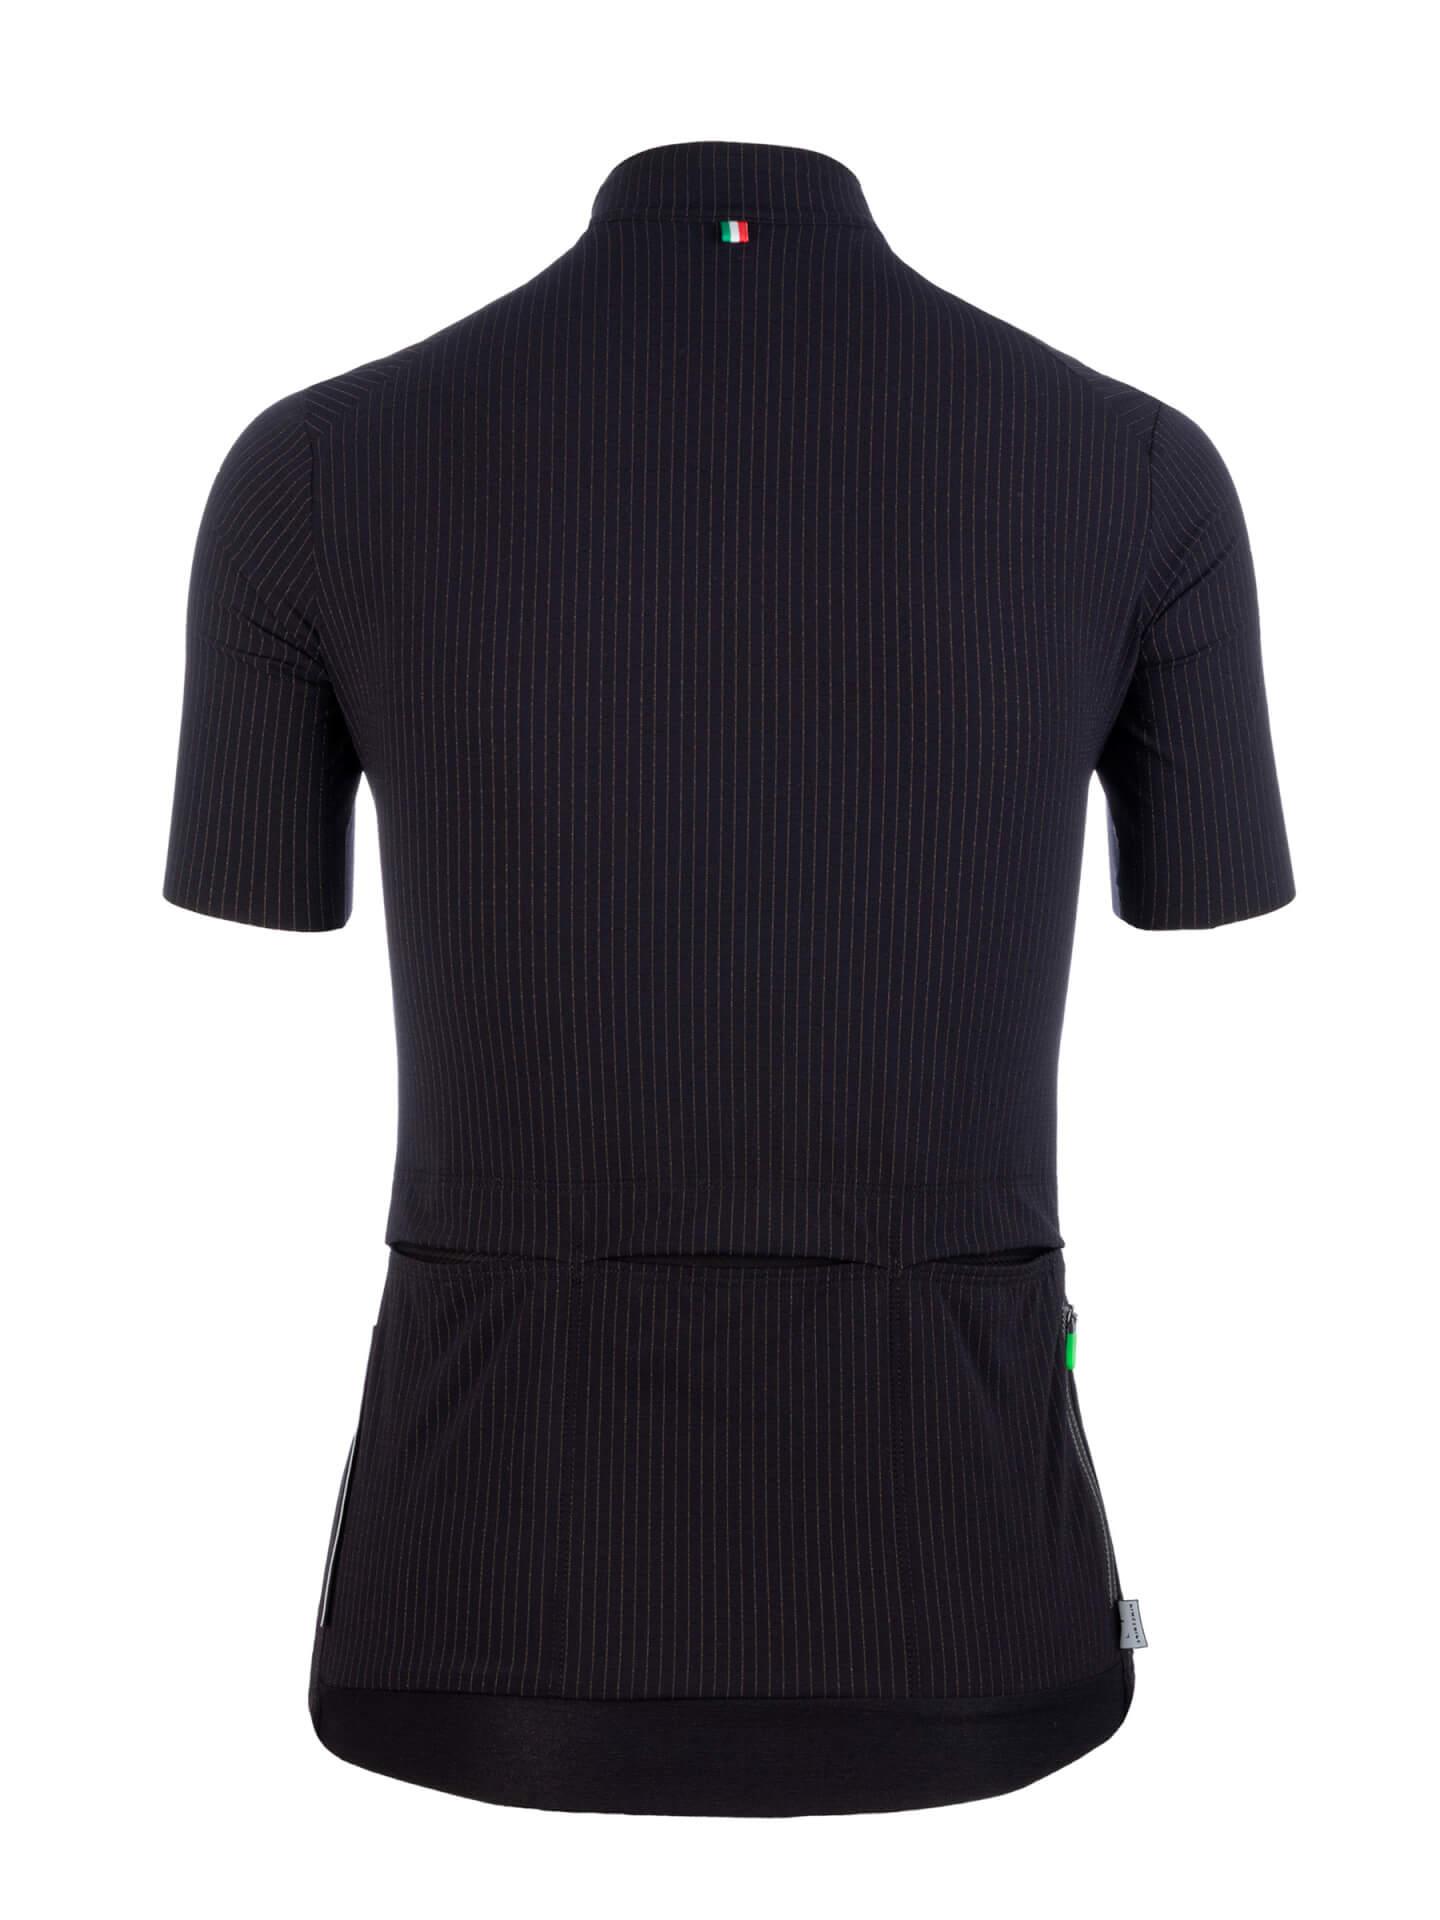 Maillot manches courtes L1 Woman Pinstripe X Noir